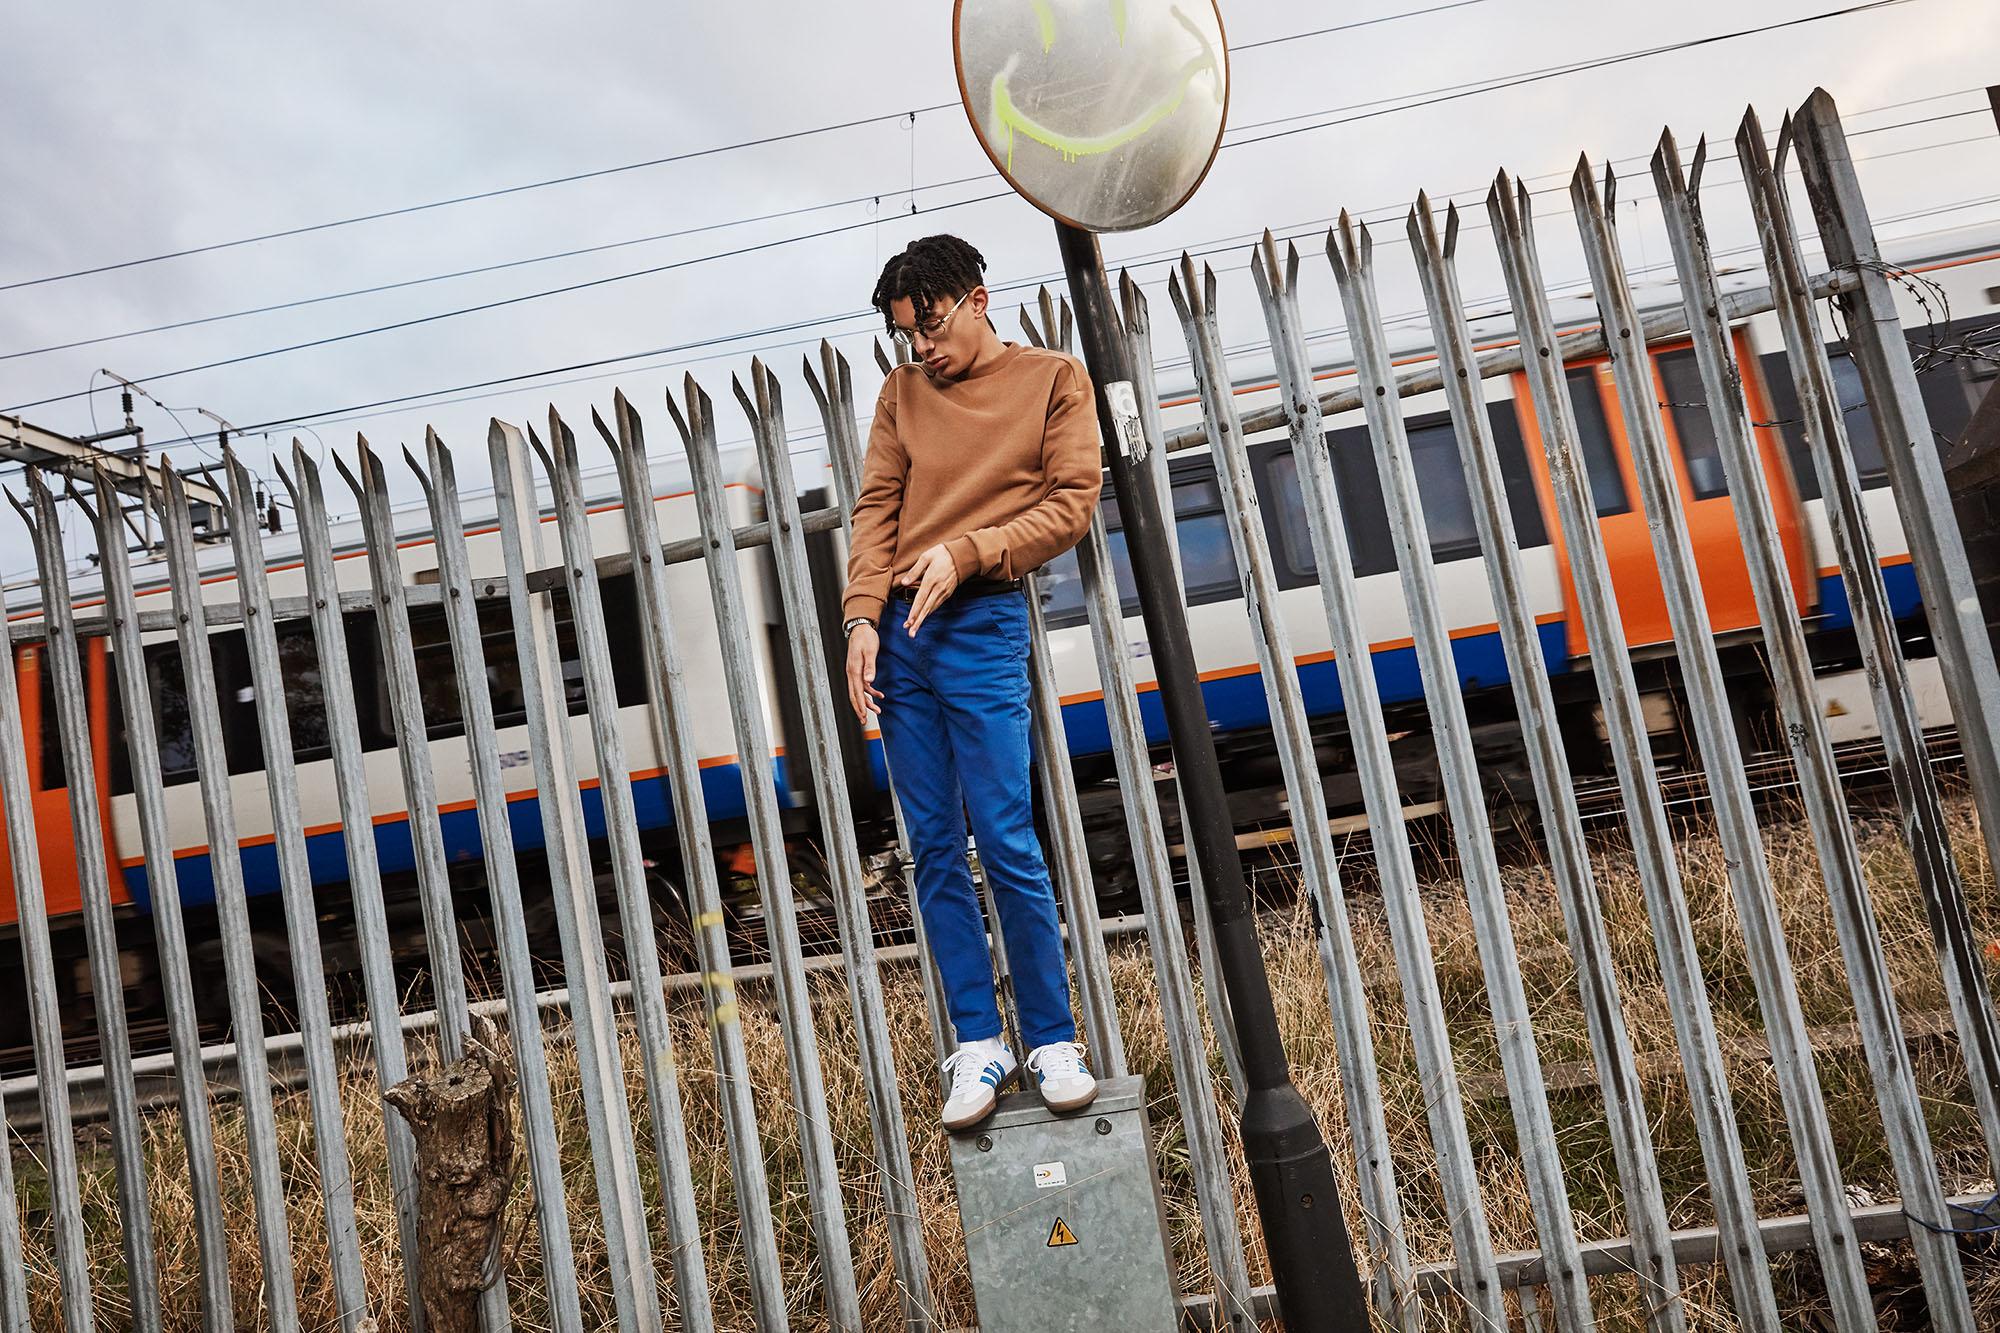 Adidas_Influencer_Camden_Look_05_0142_V1b.jpg